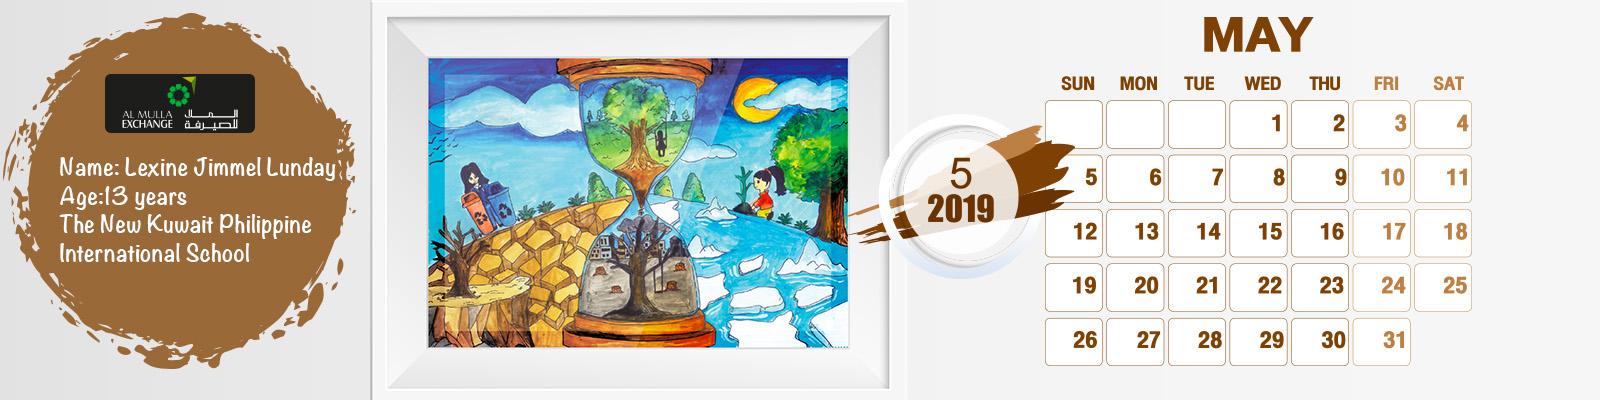 Al Mulla Exchange 2019 Calendar - May